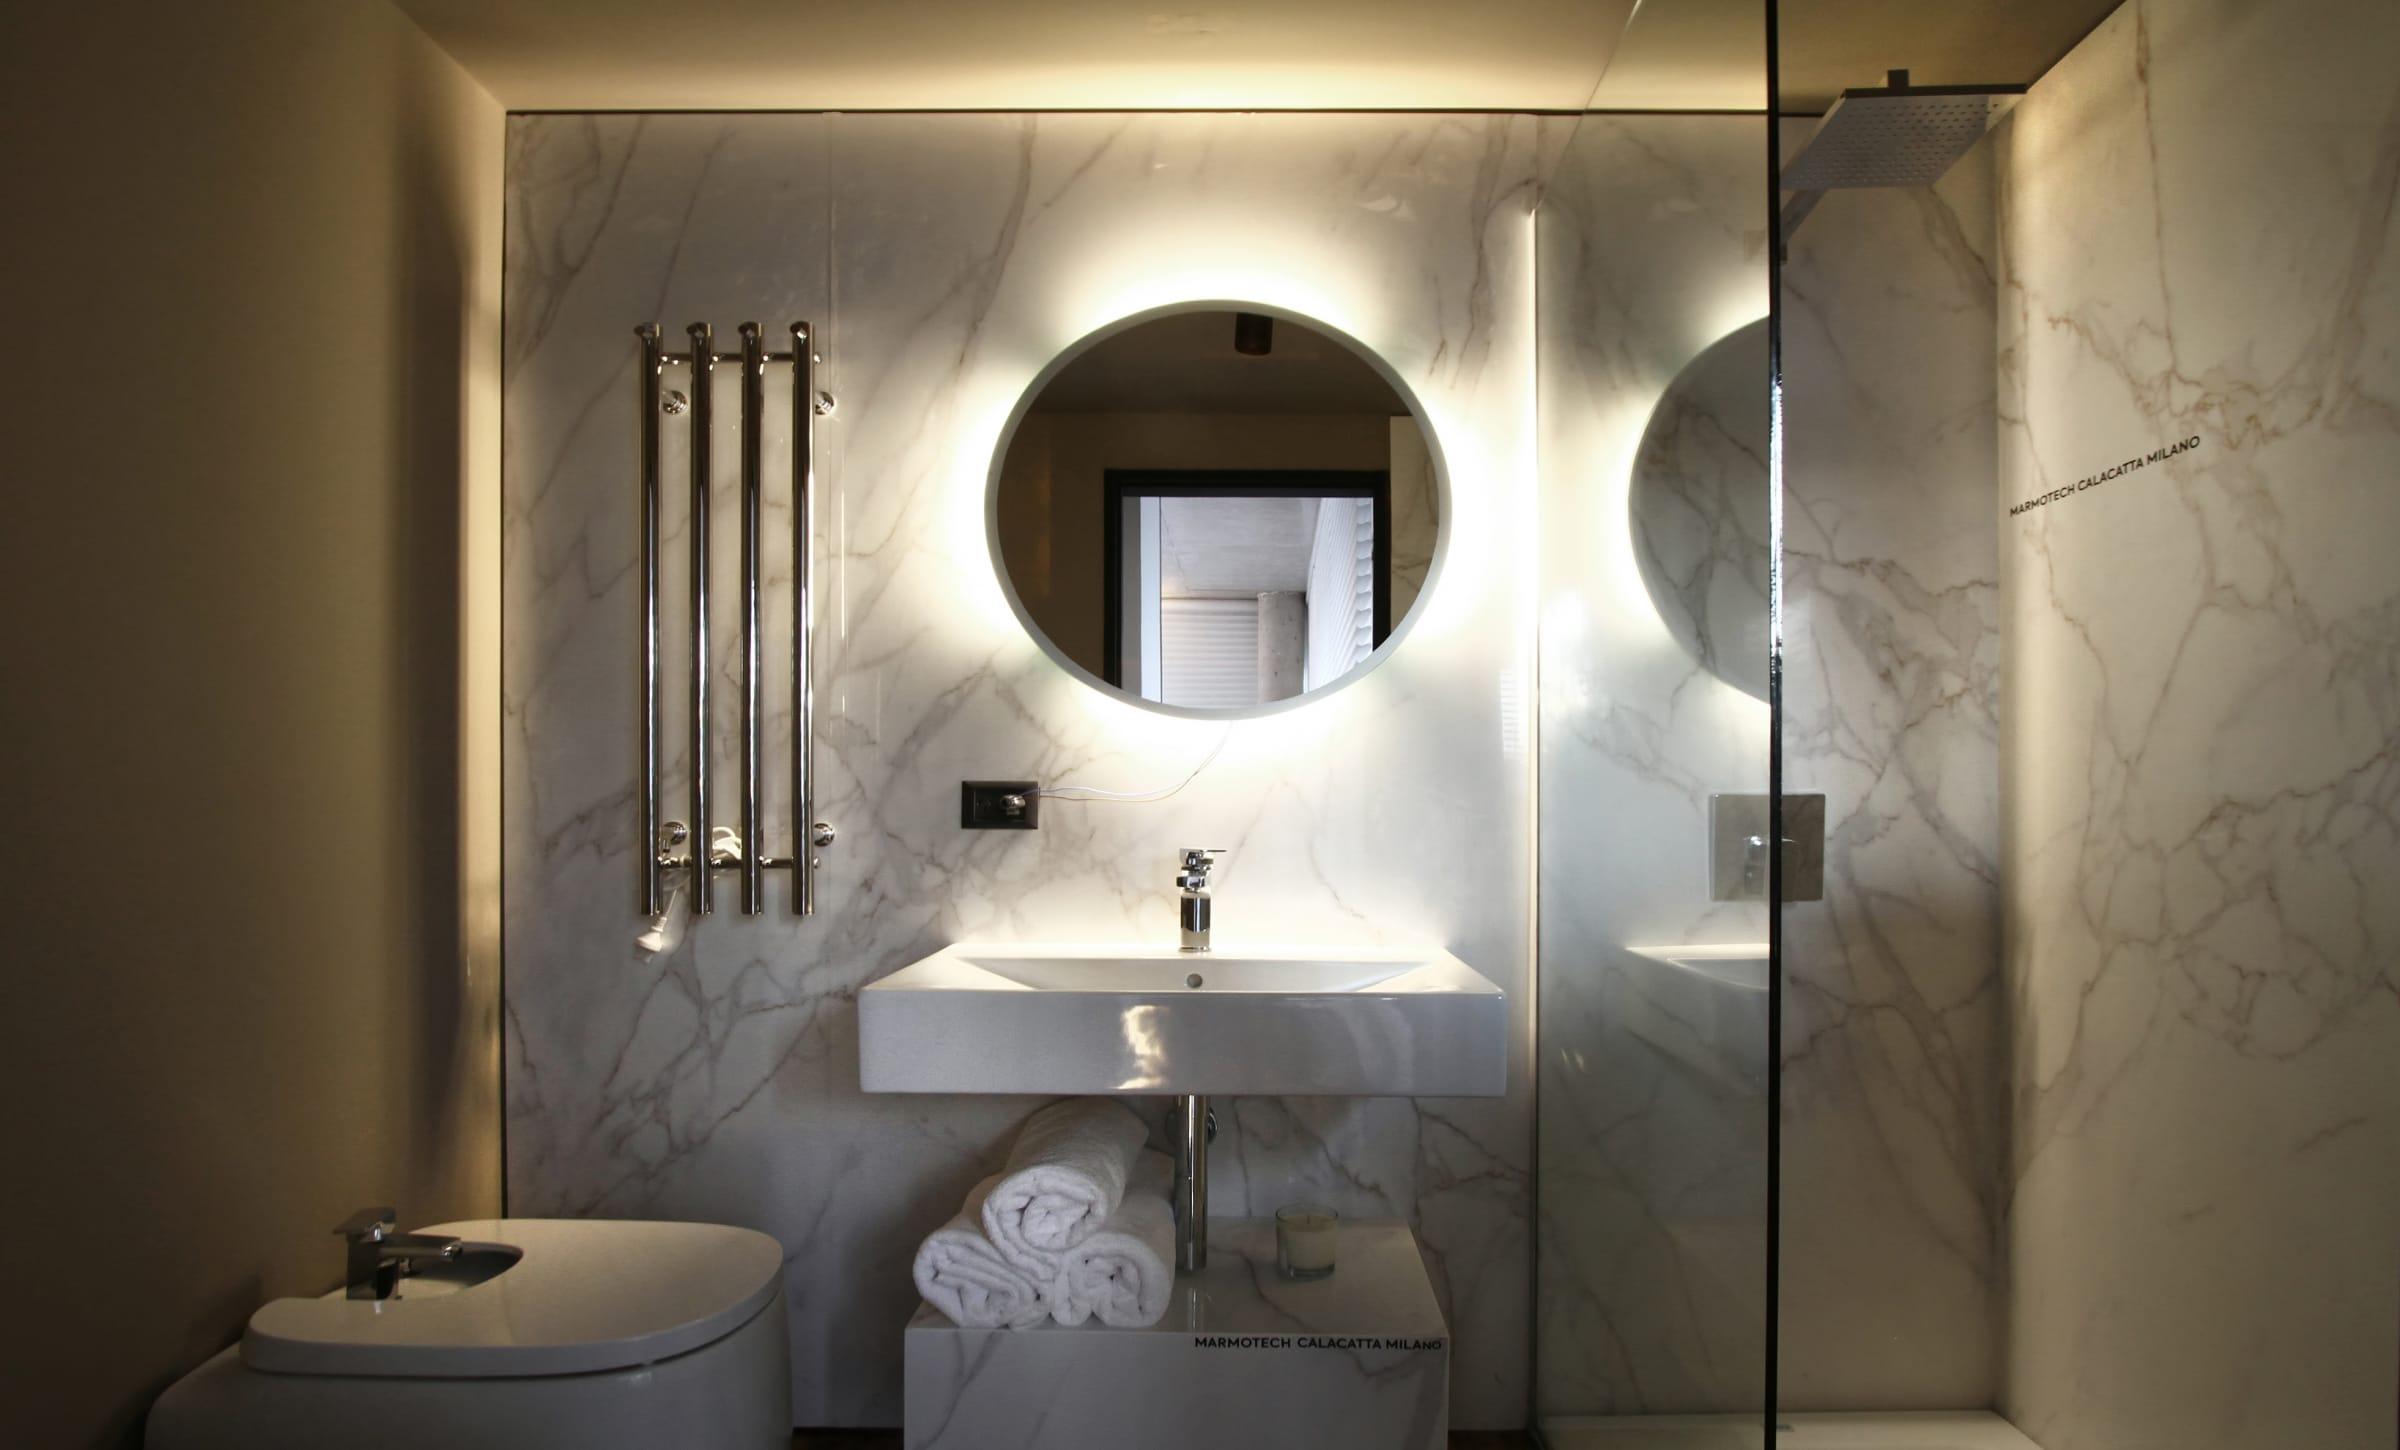 La experiencia de un Spa en el baño de la unidad diseñada por Gallego y Martos, con toalleros eléctricos de acero inoxidable Atrim.